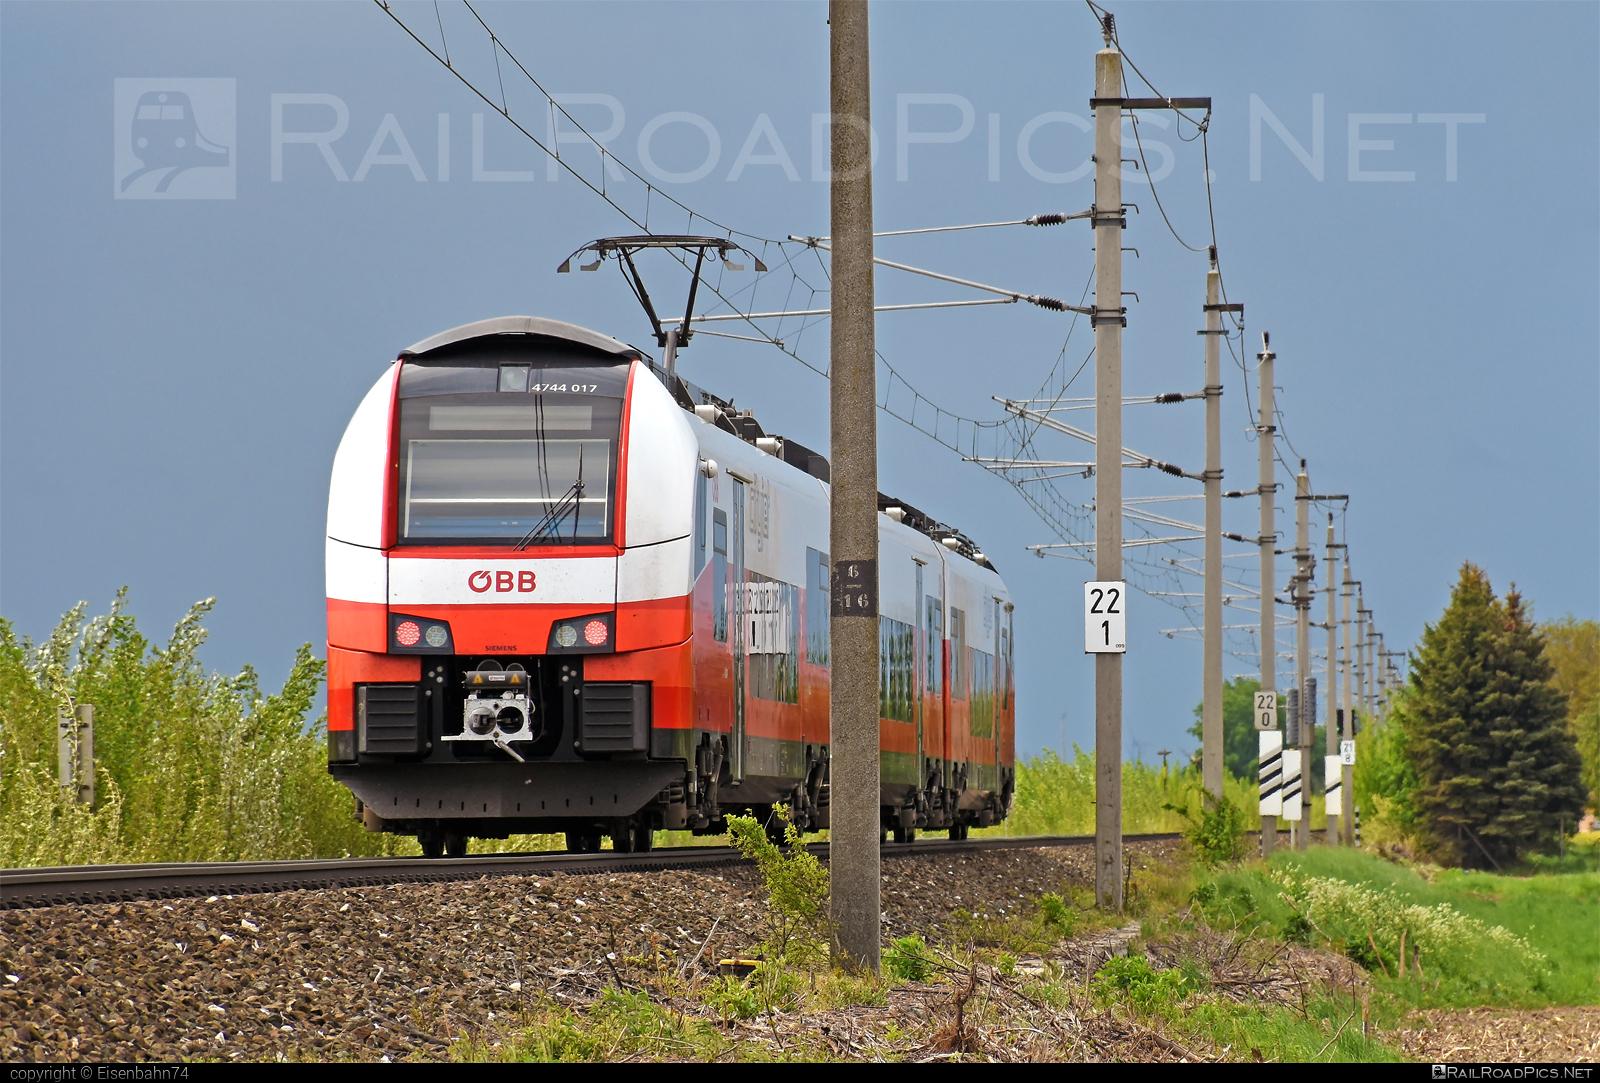 Siemens Desiro ML - 4744 017 operated by Österreichische Bundesbahnen #cityjet #desiro #desiroml #obb #obbcityjet #osterreichischebundesbahnen #siemens #siemensdesiro #siemensdesiroml